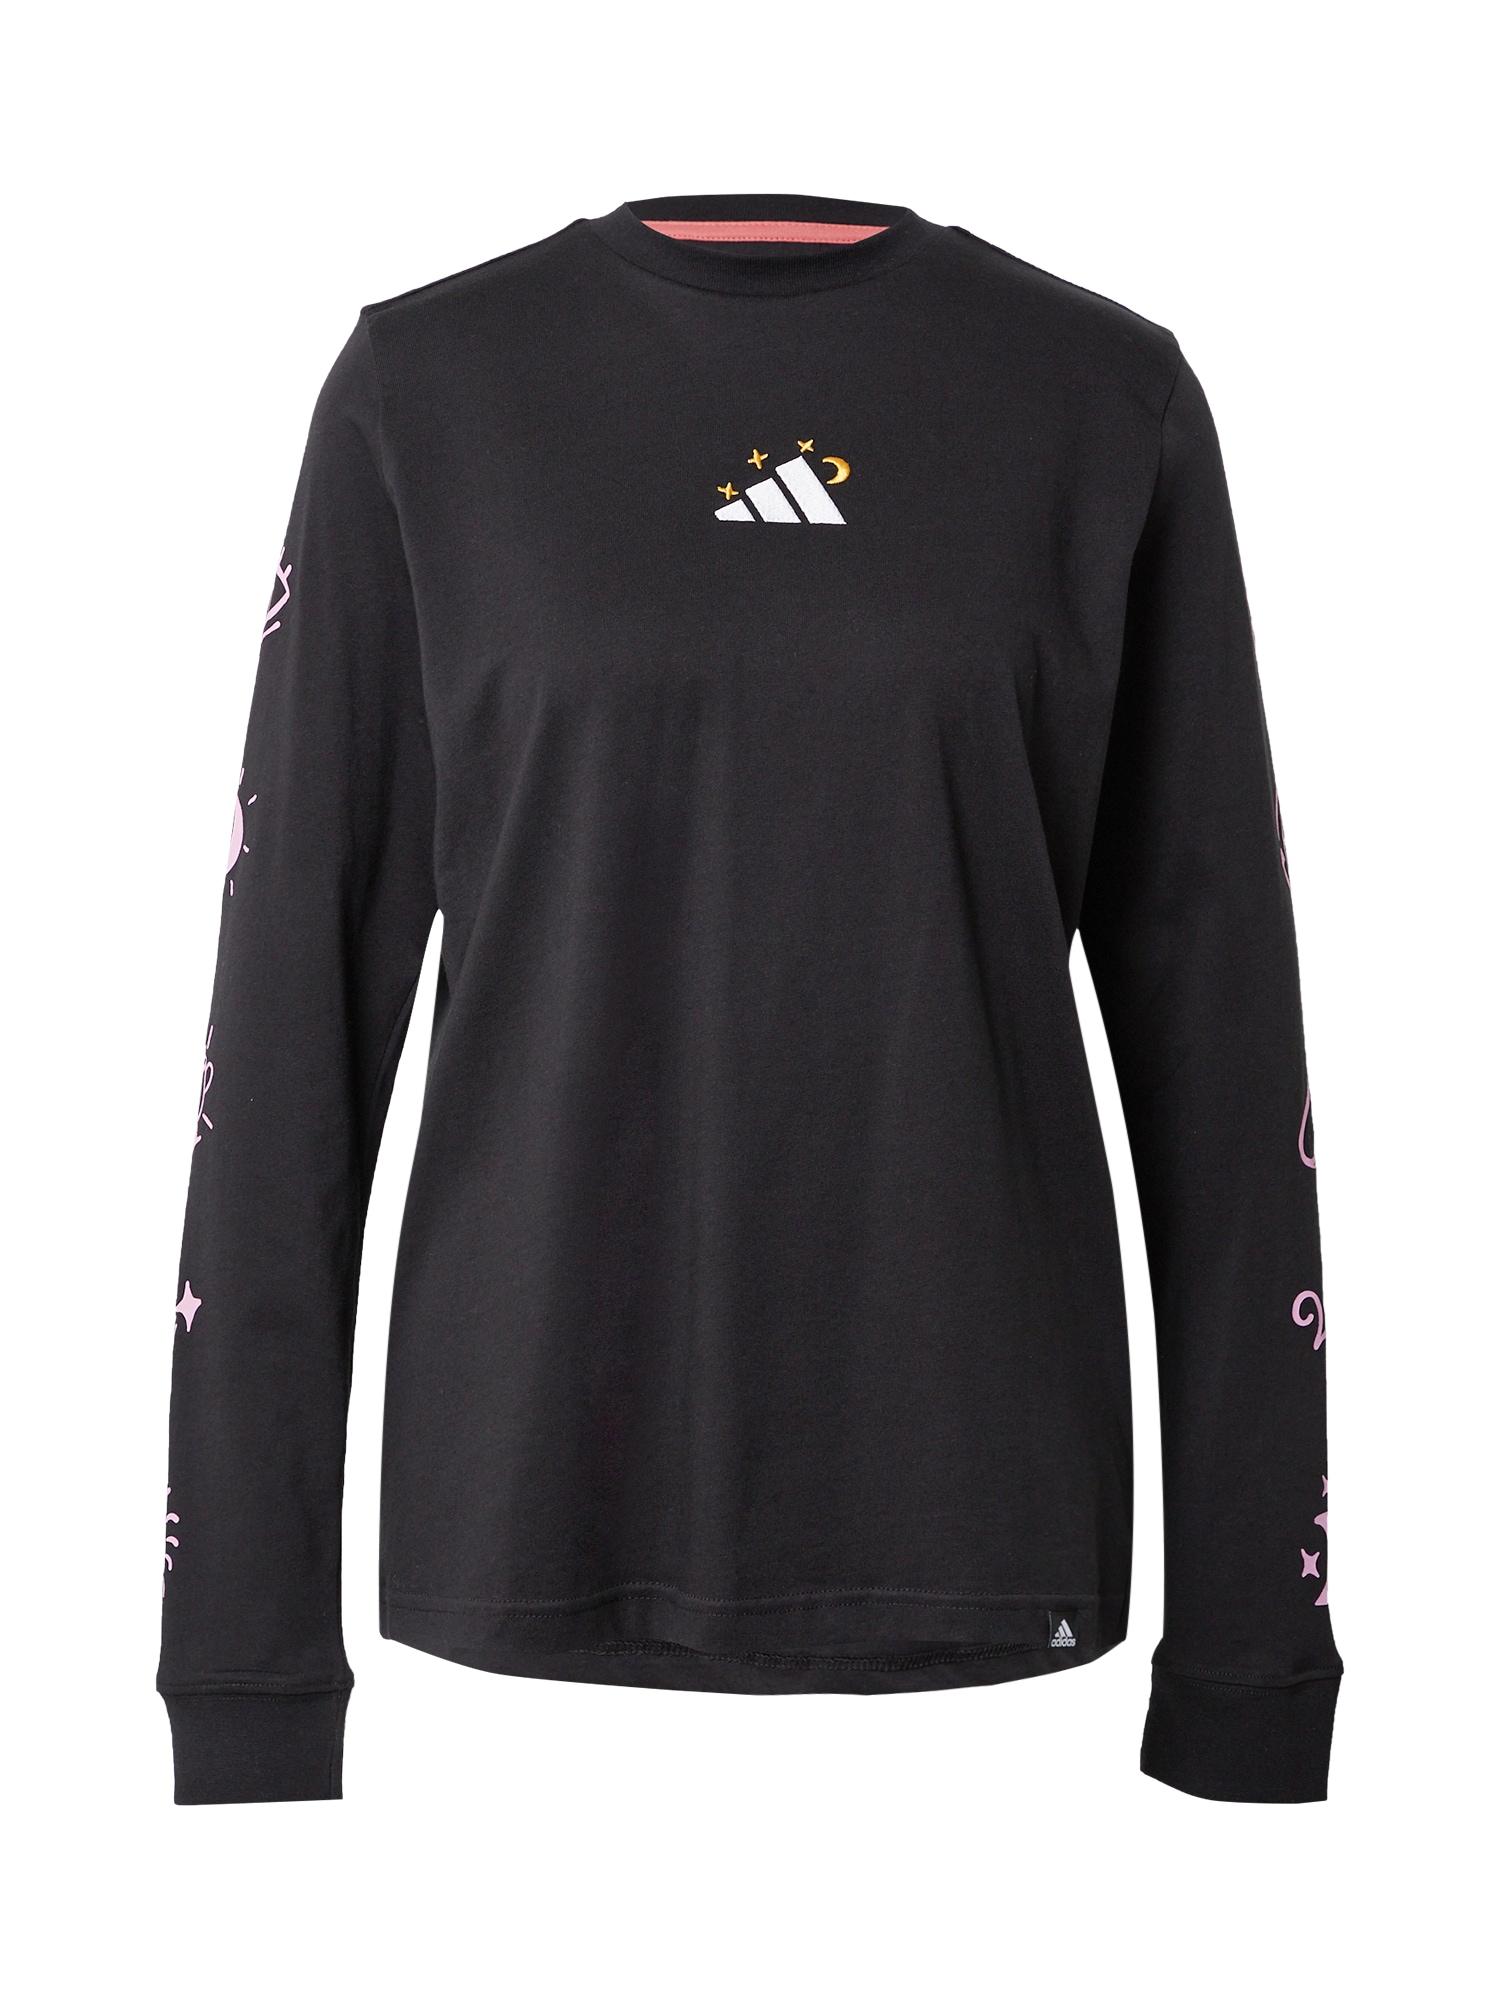 ADIDAS PERFORMANCE Marškinėliai juoda / balta / rožių spalva / raudona